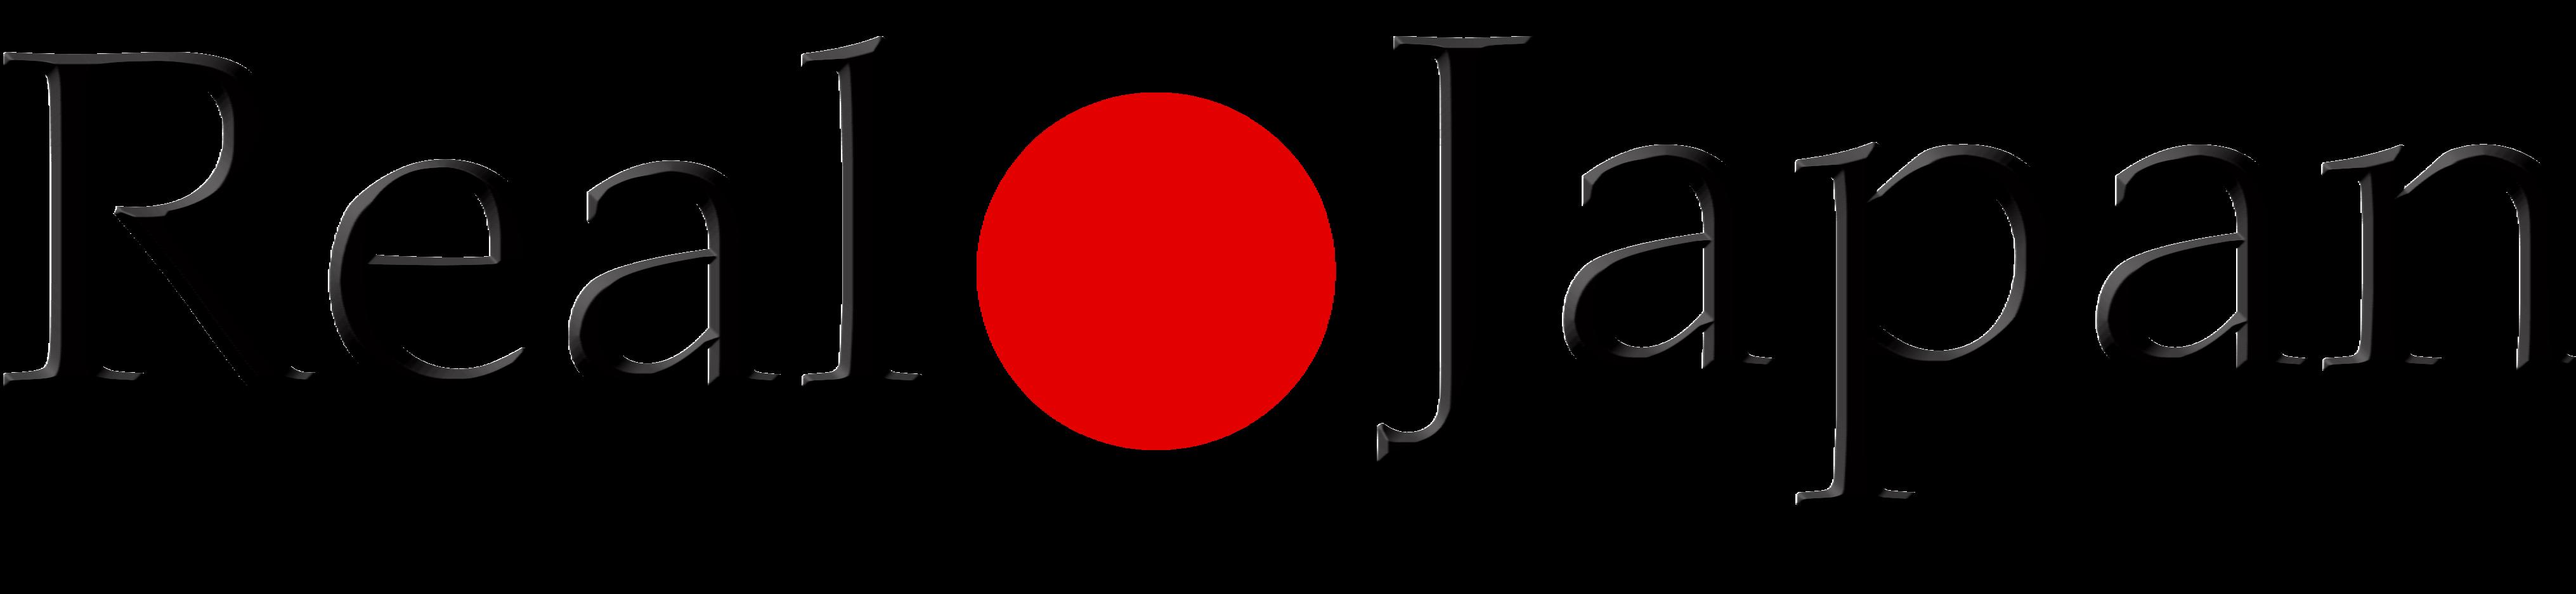 「背乗り」戸籍を盗り日本人になりすます   日本の闇社会   Real Japan